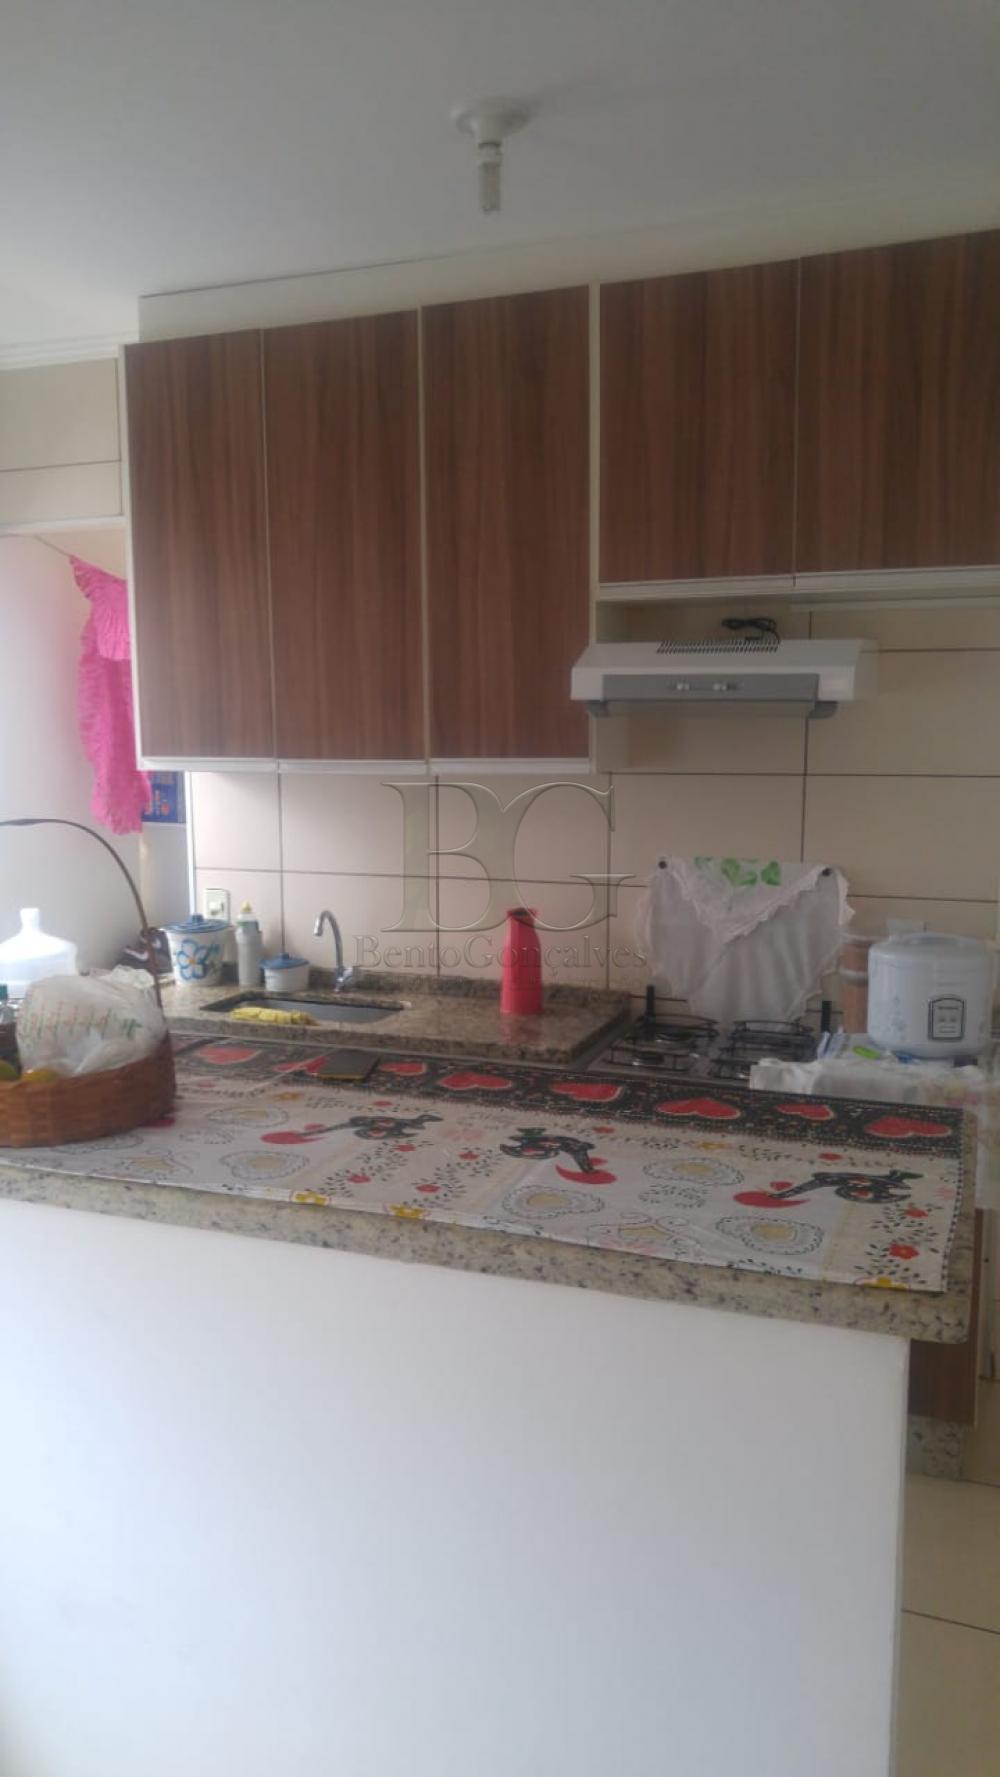 Comprar Apartamentos / Padrão em Poços de Caldas apenas R$ 205.000,00 - Foto 10